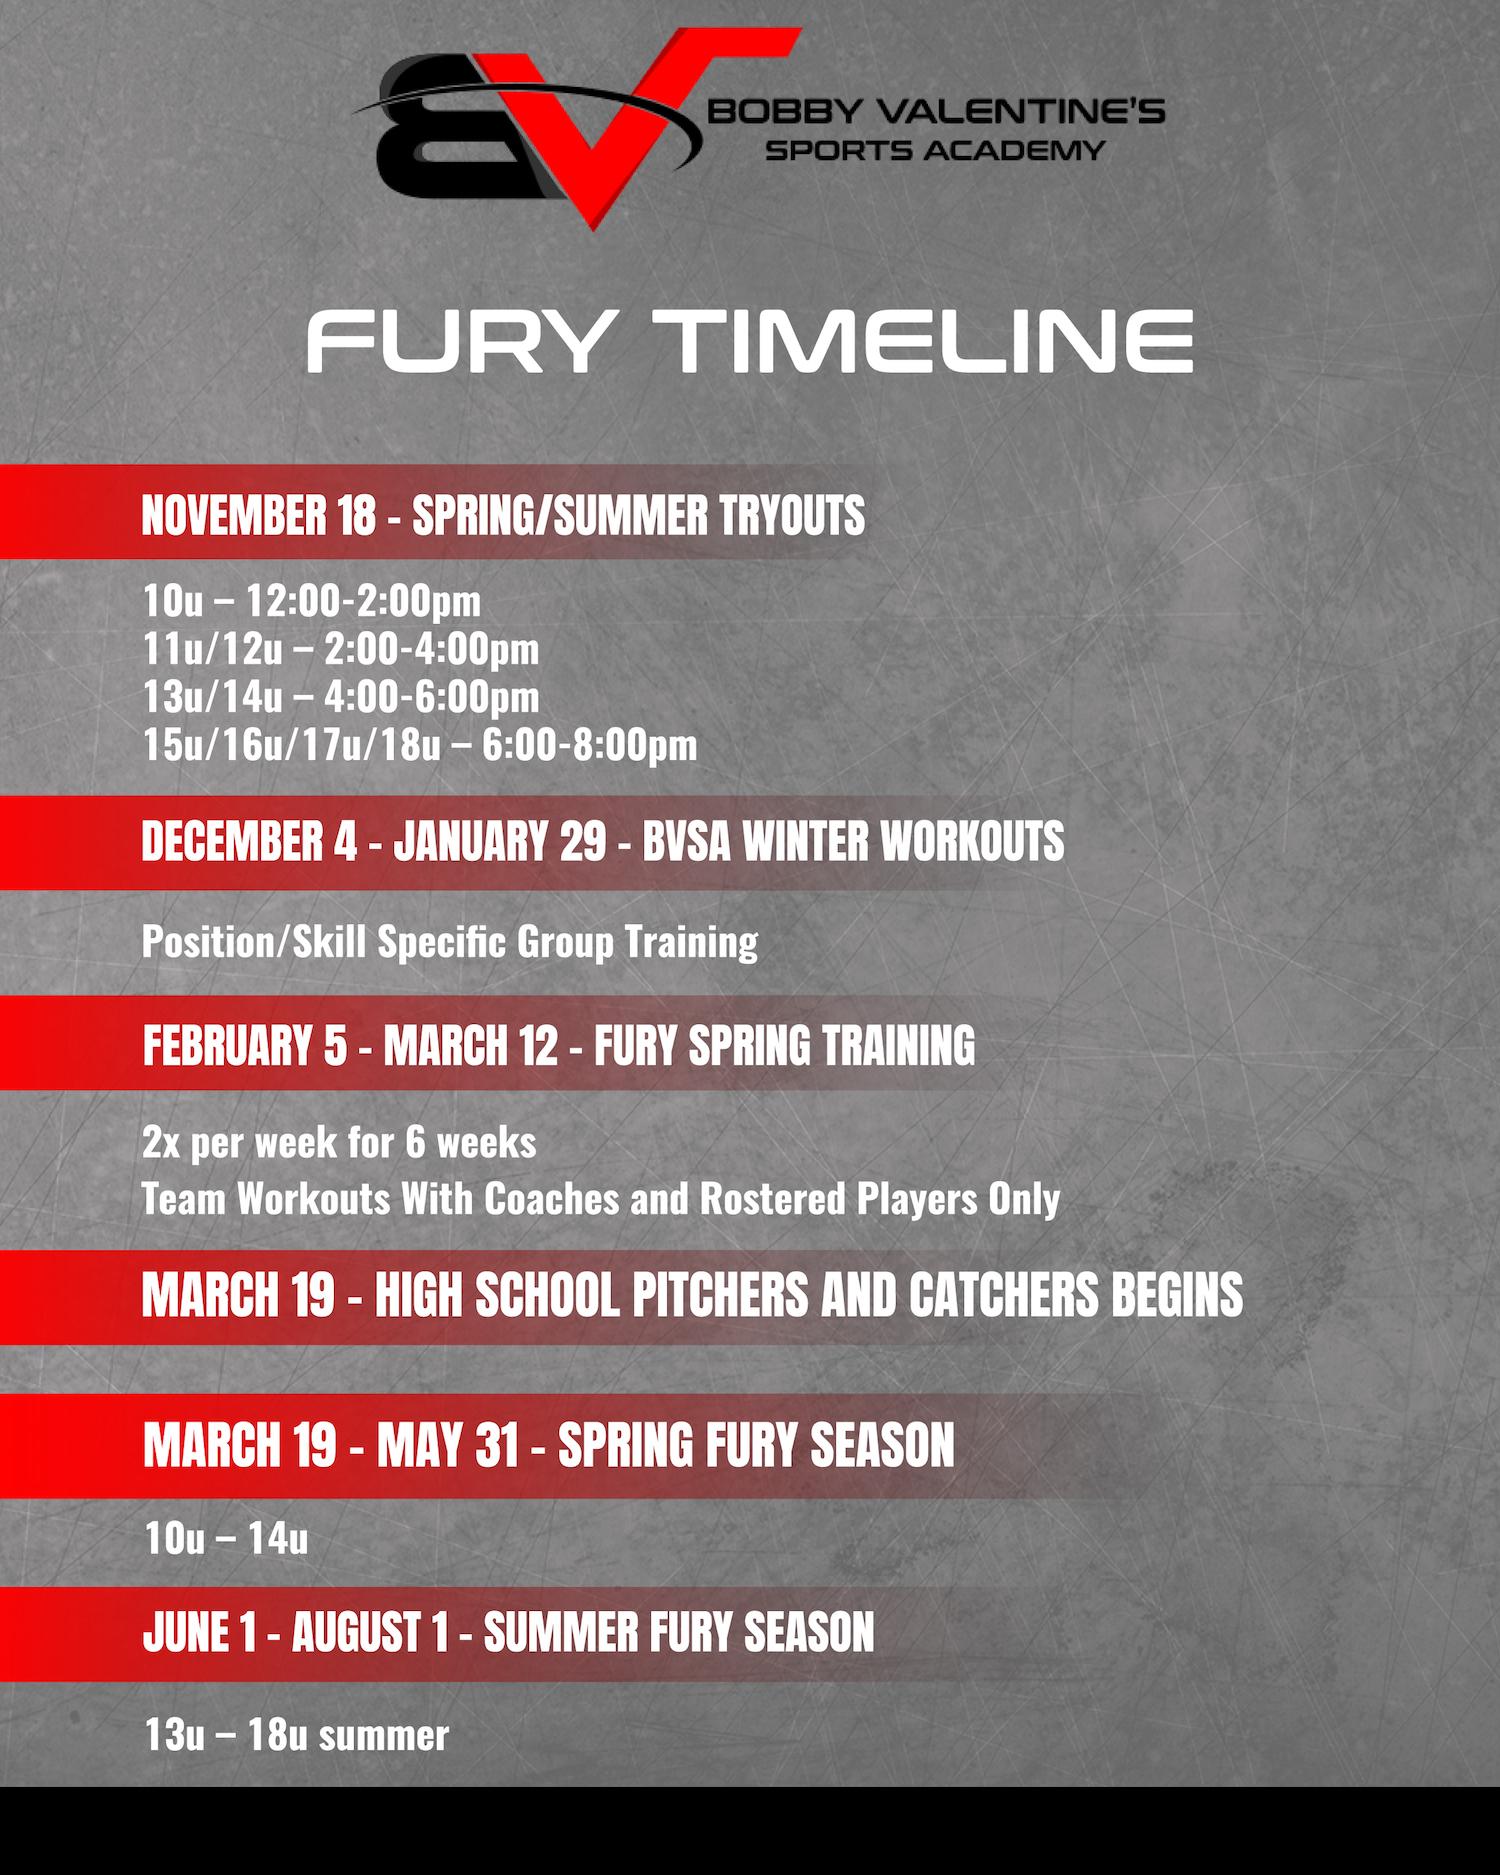 141469_Fury Timeline3_102517